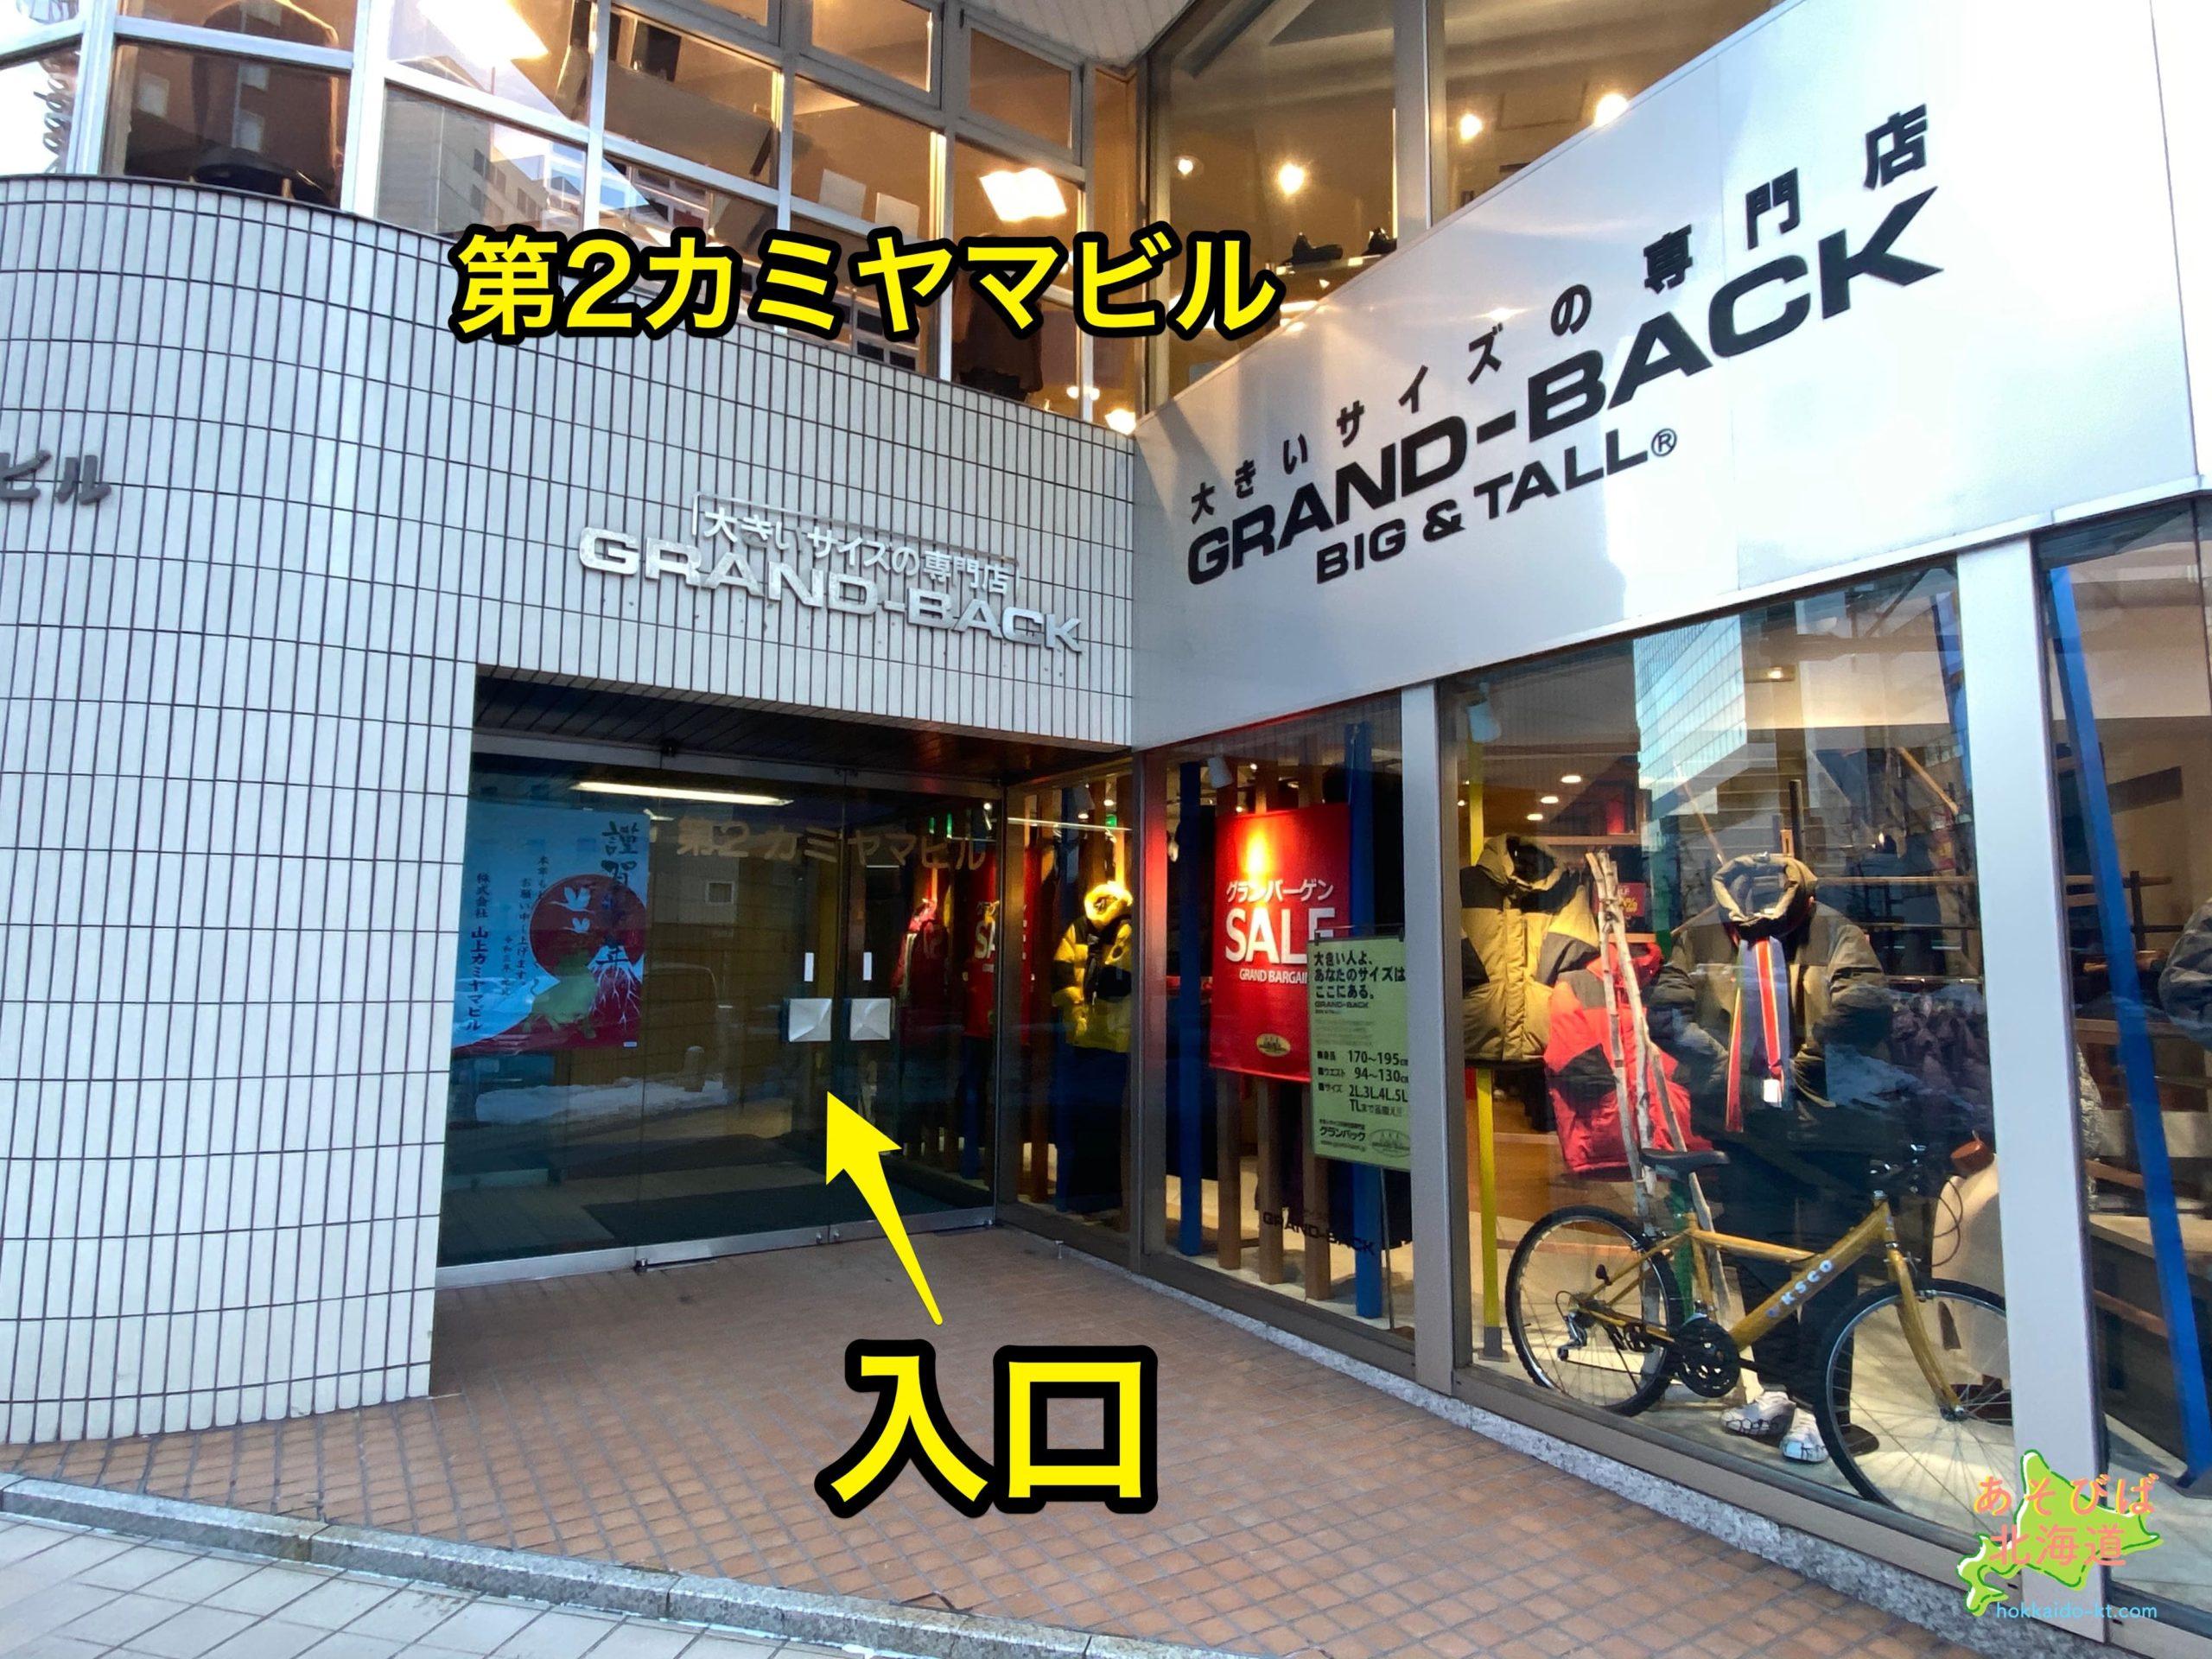 第2カイミヤマビル(シースリ札幌駅前店)